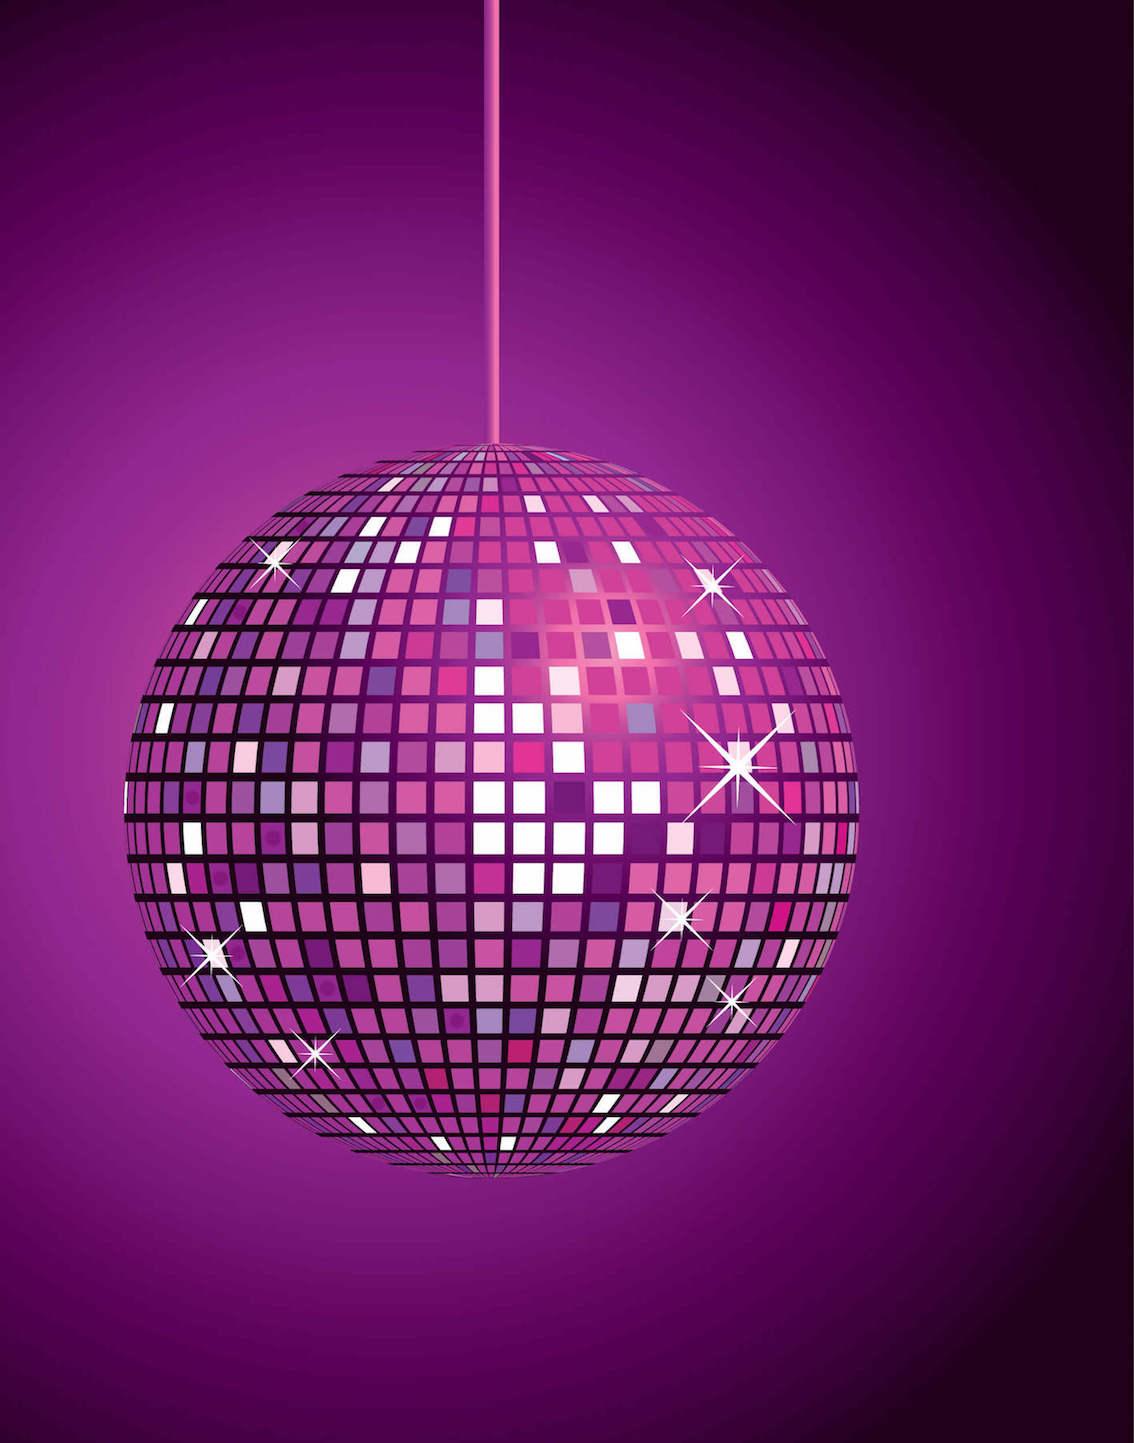 disco ball 2 1